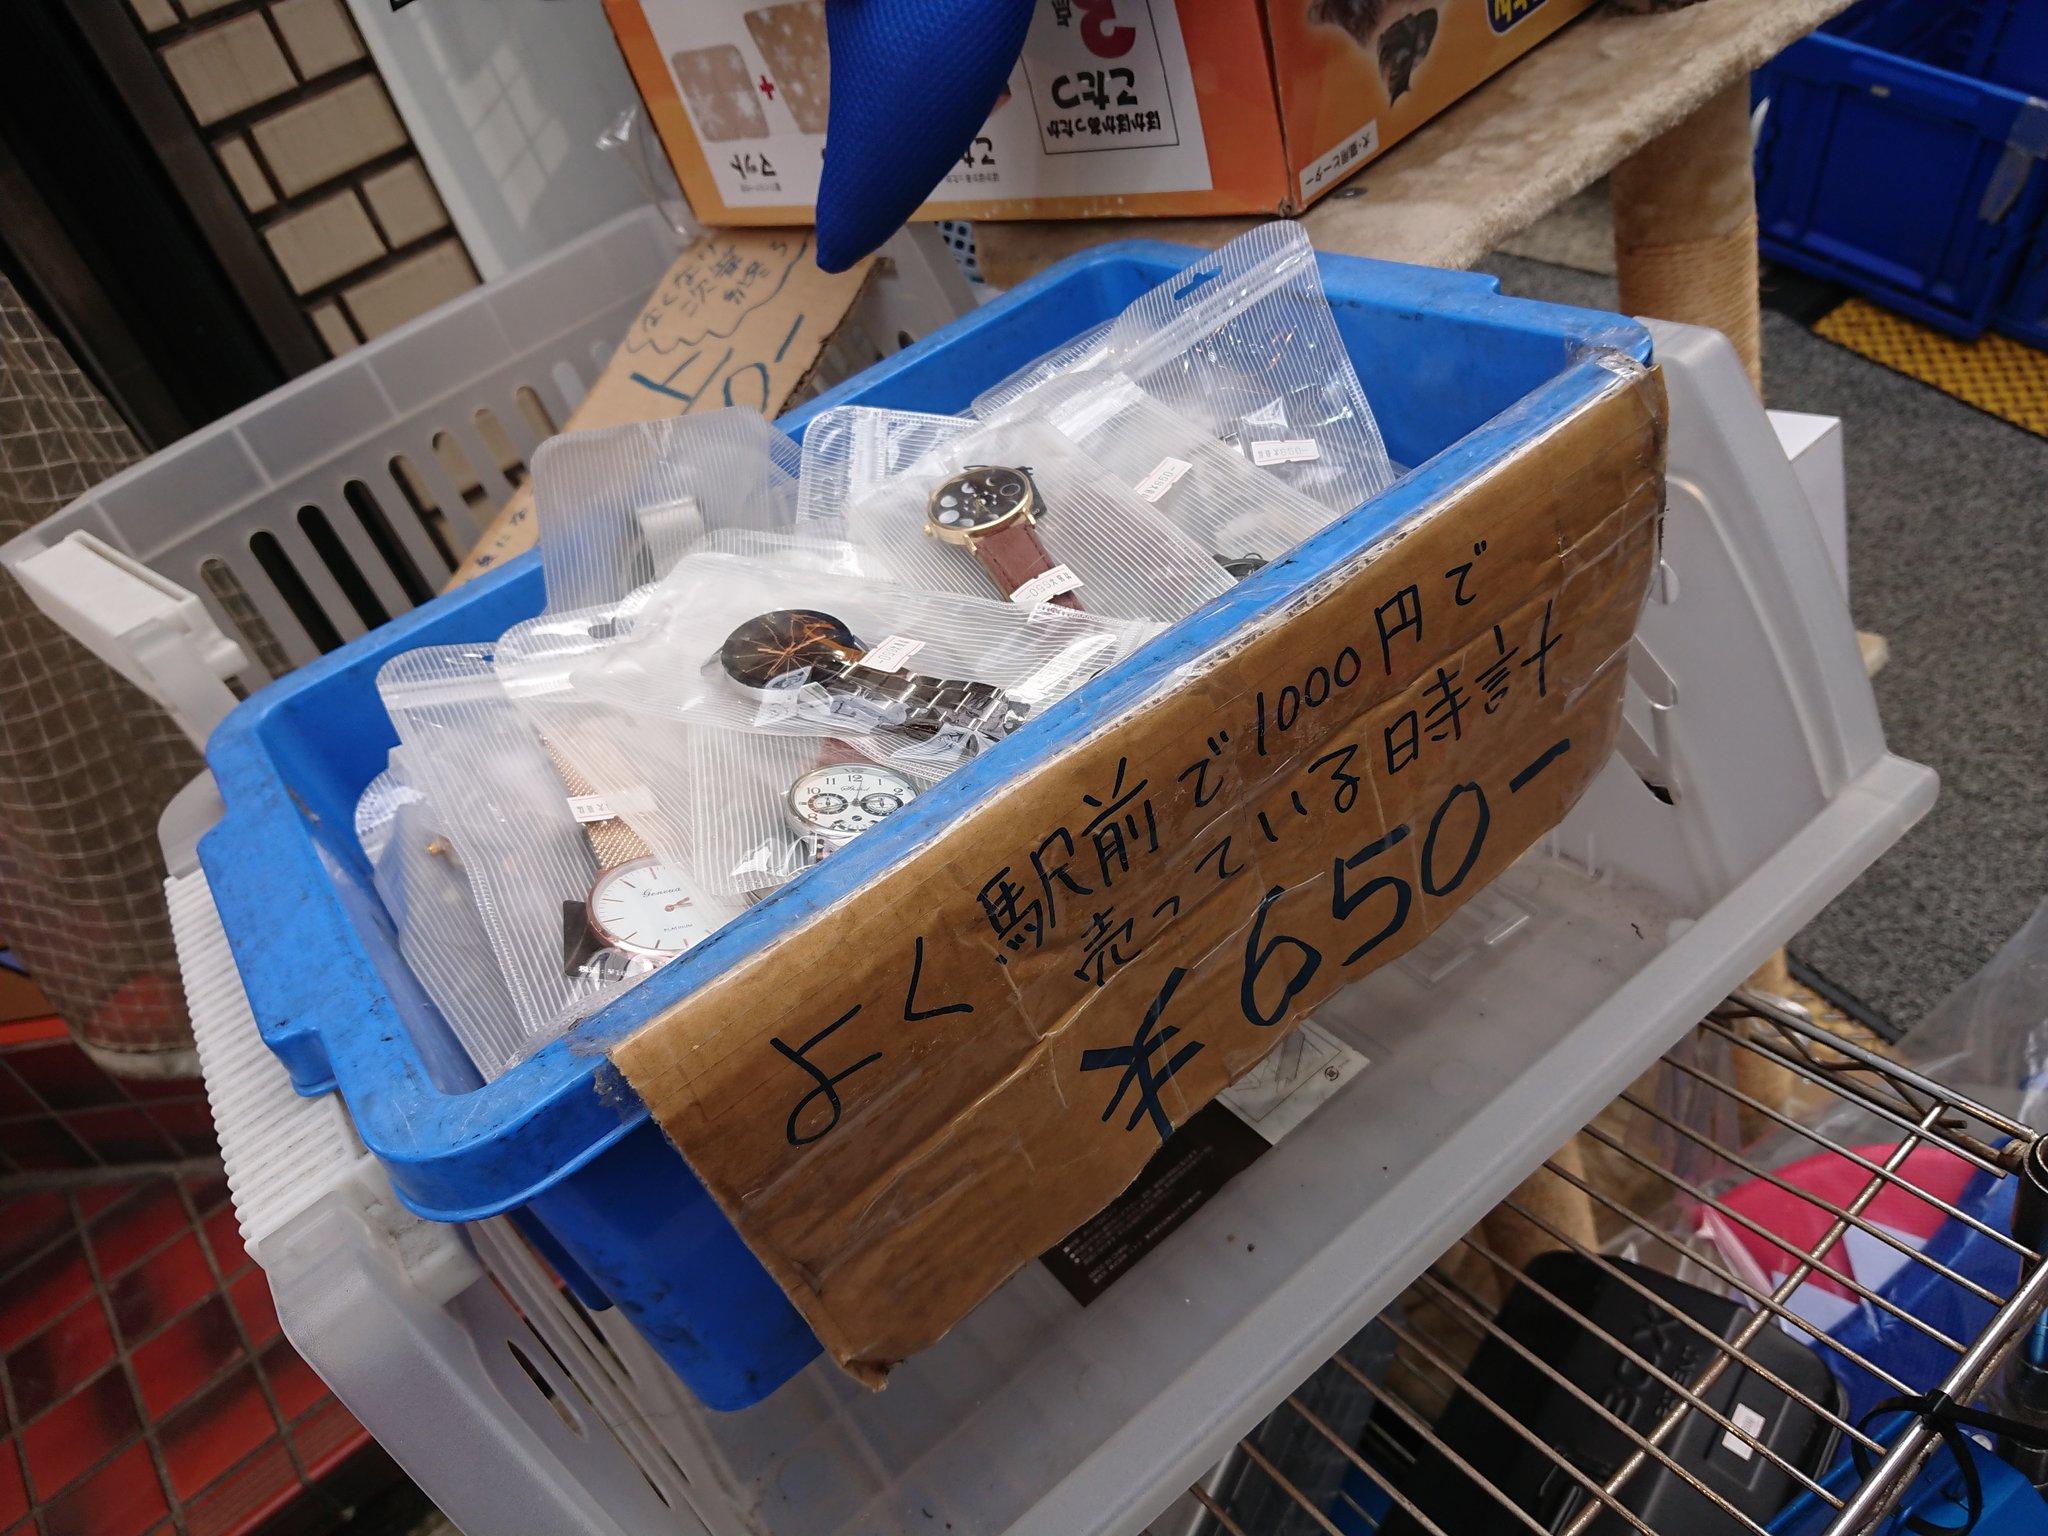 「千石電商」時計650円分かりやすい宣伝で集客!!